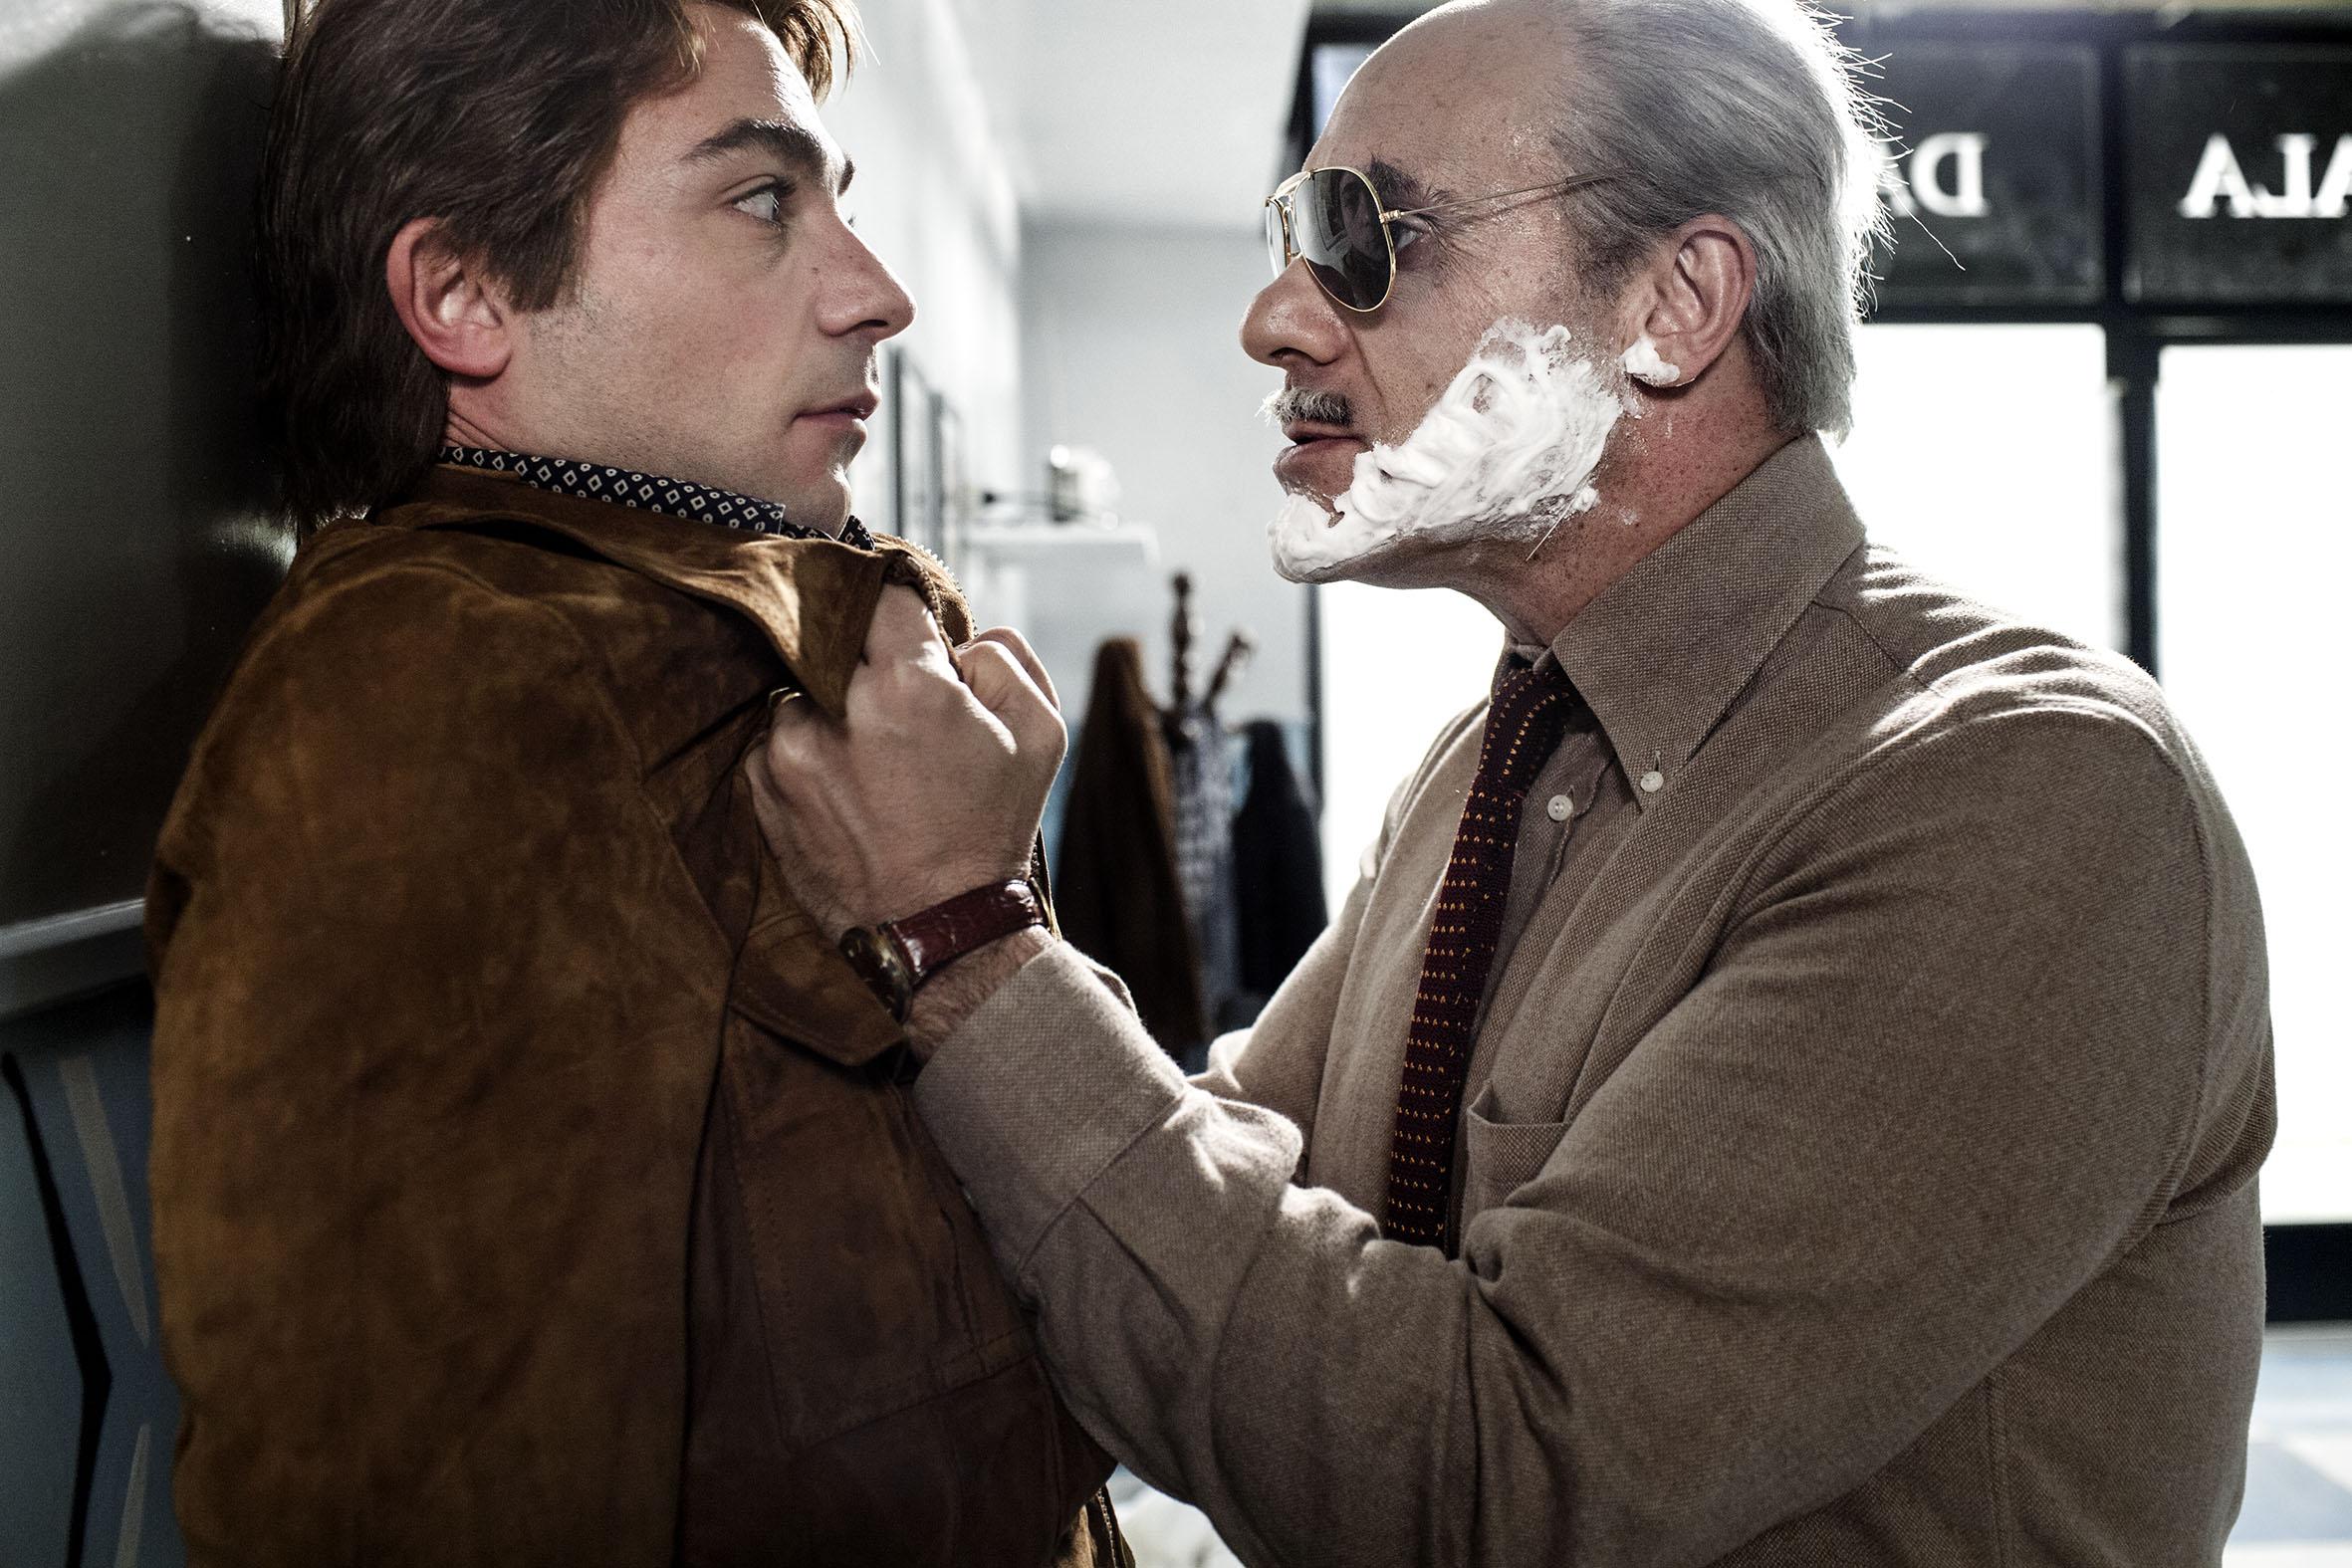 La trattativa: Sabino Civilleri con le spalle al muro insieme a Franz Cantalupo in una scena